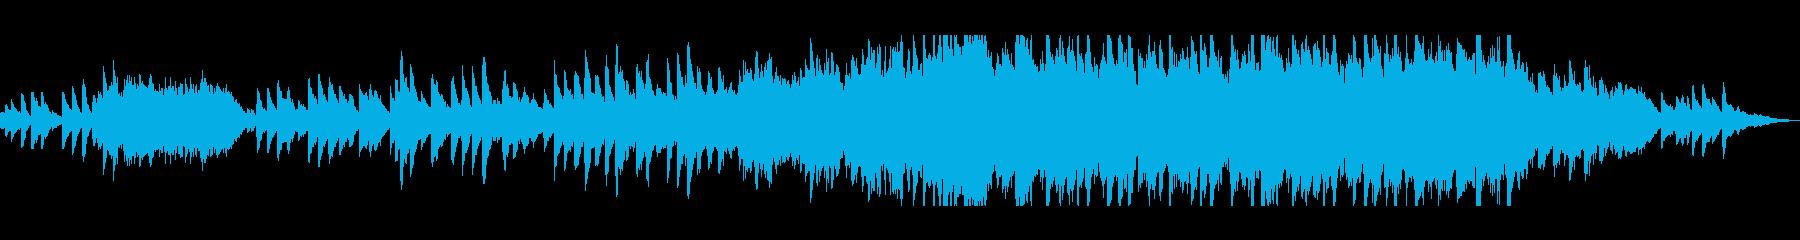 ゆっくりと眠れそうな癒される曲の再生済みの波形